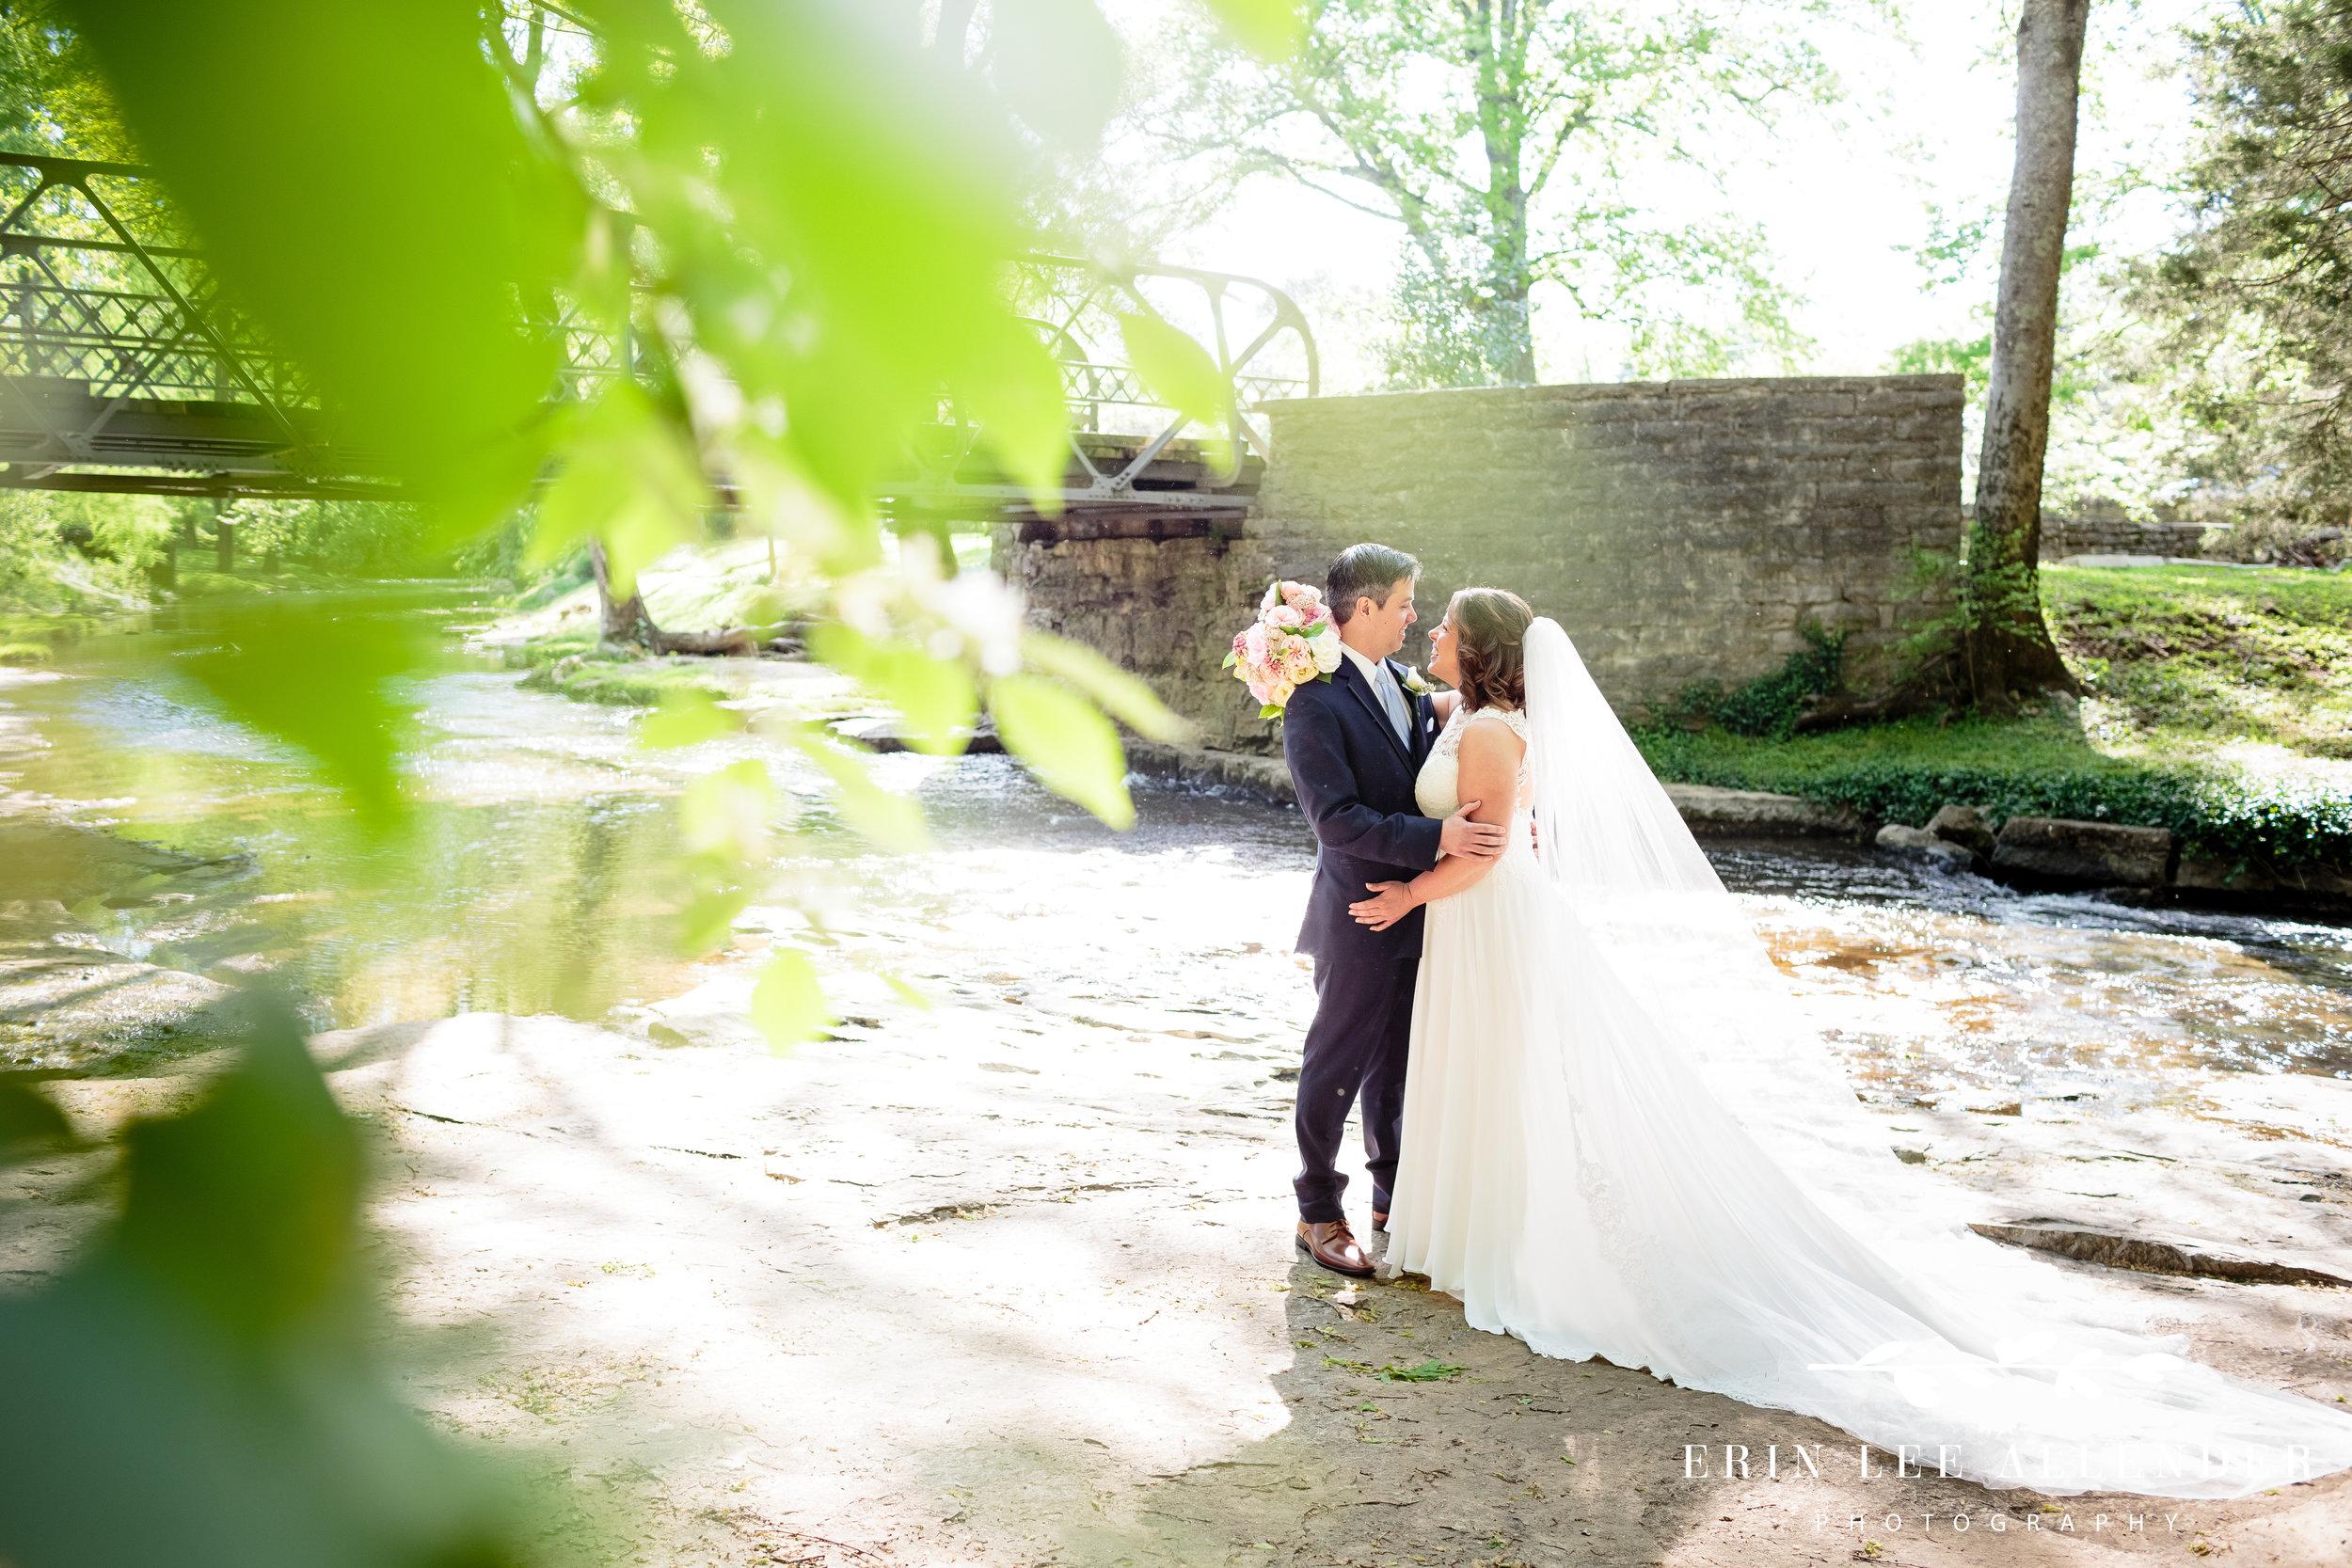 belle-meade-wedding